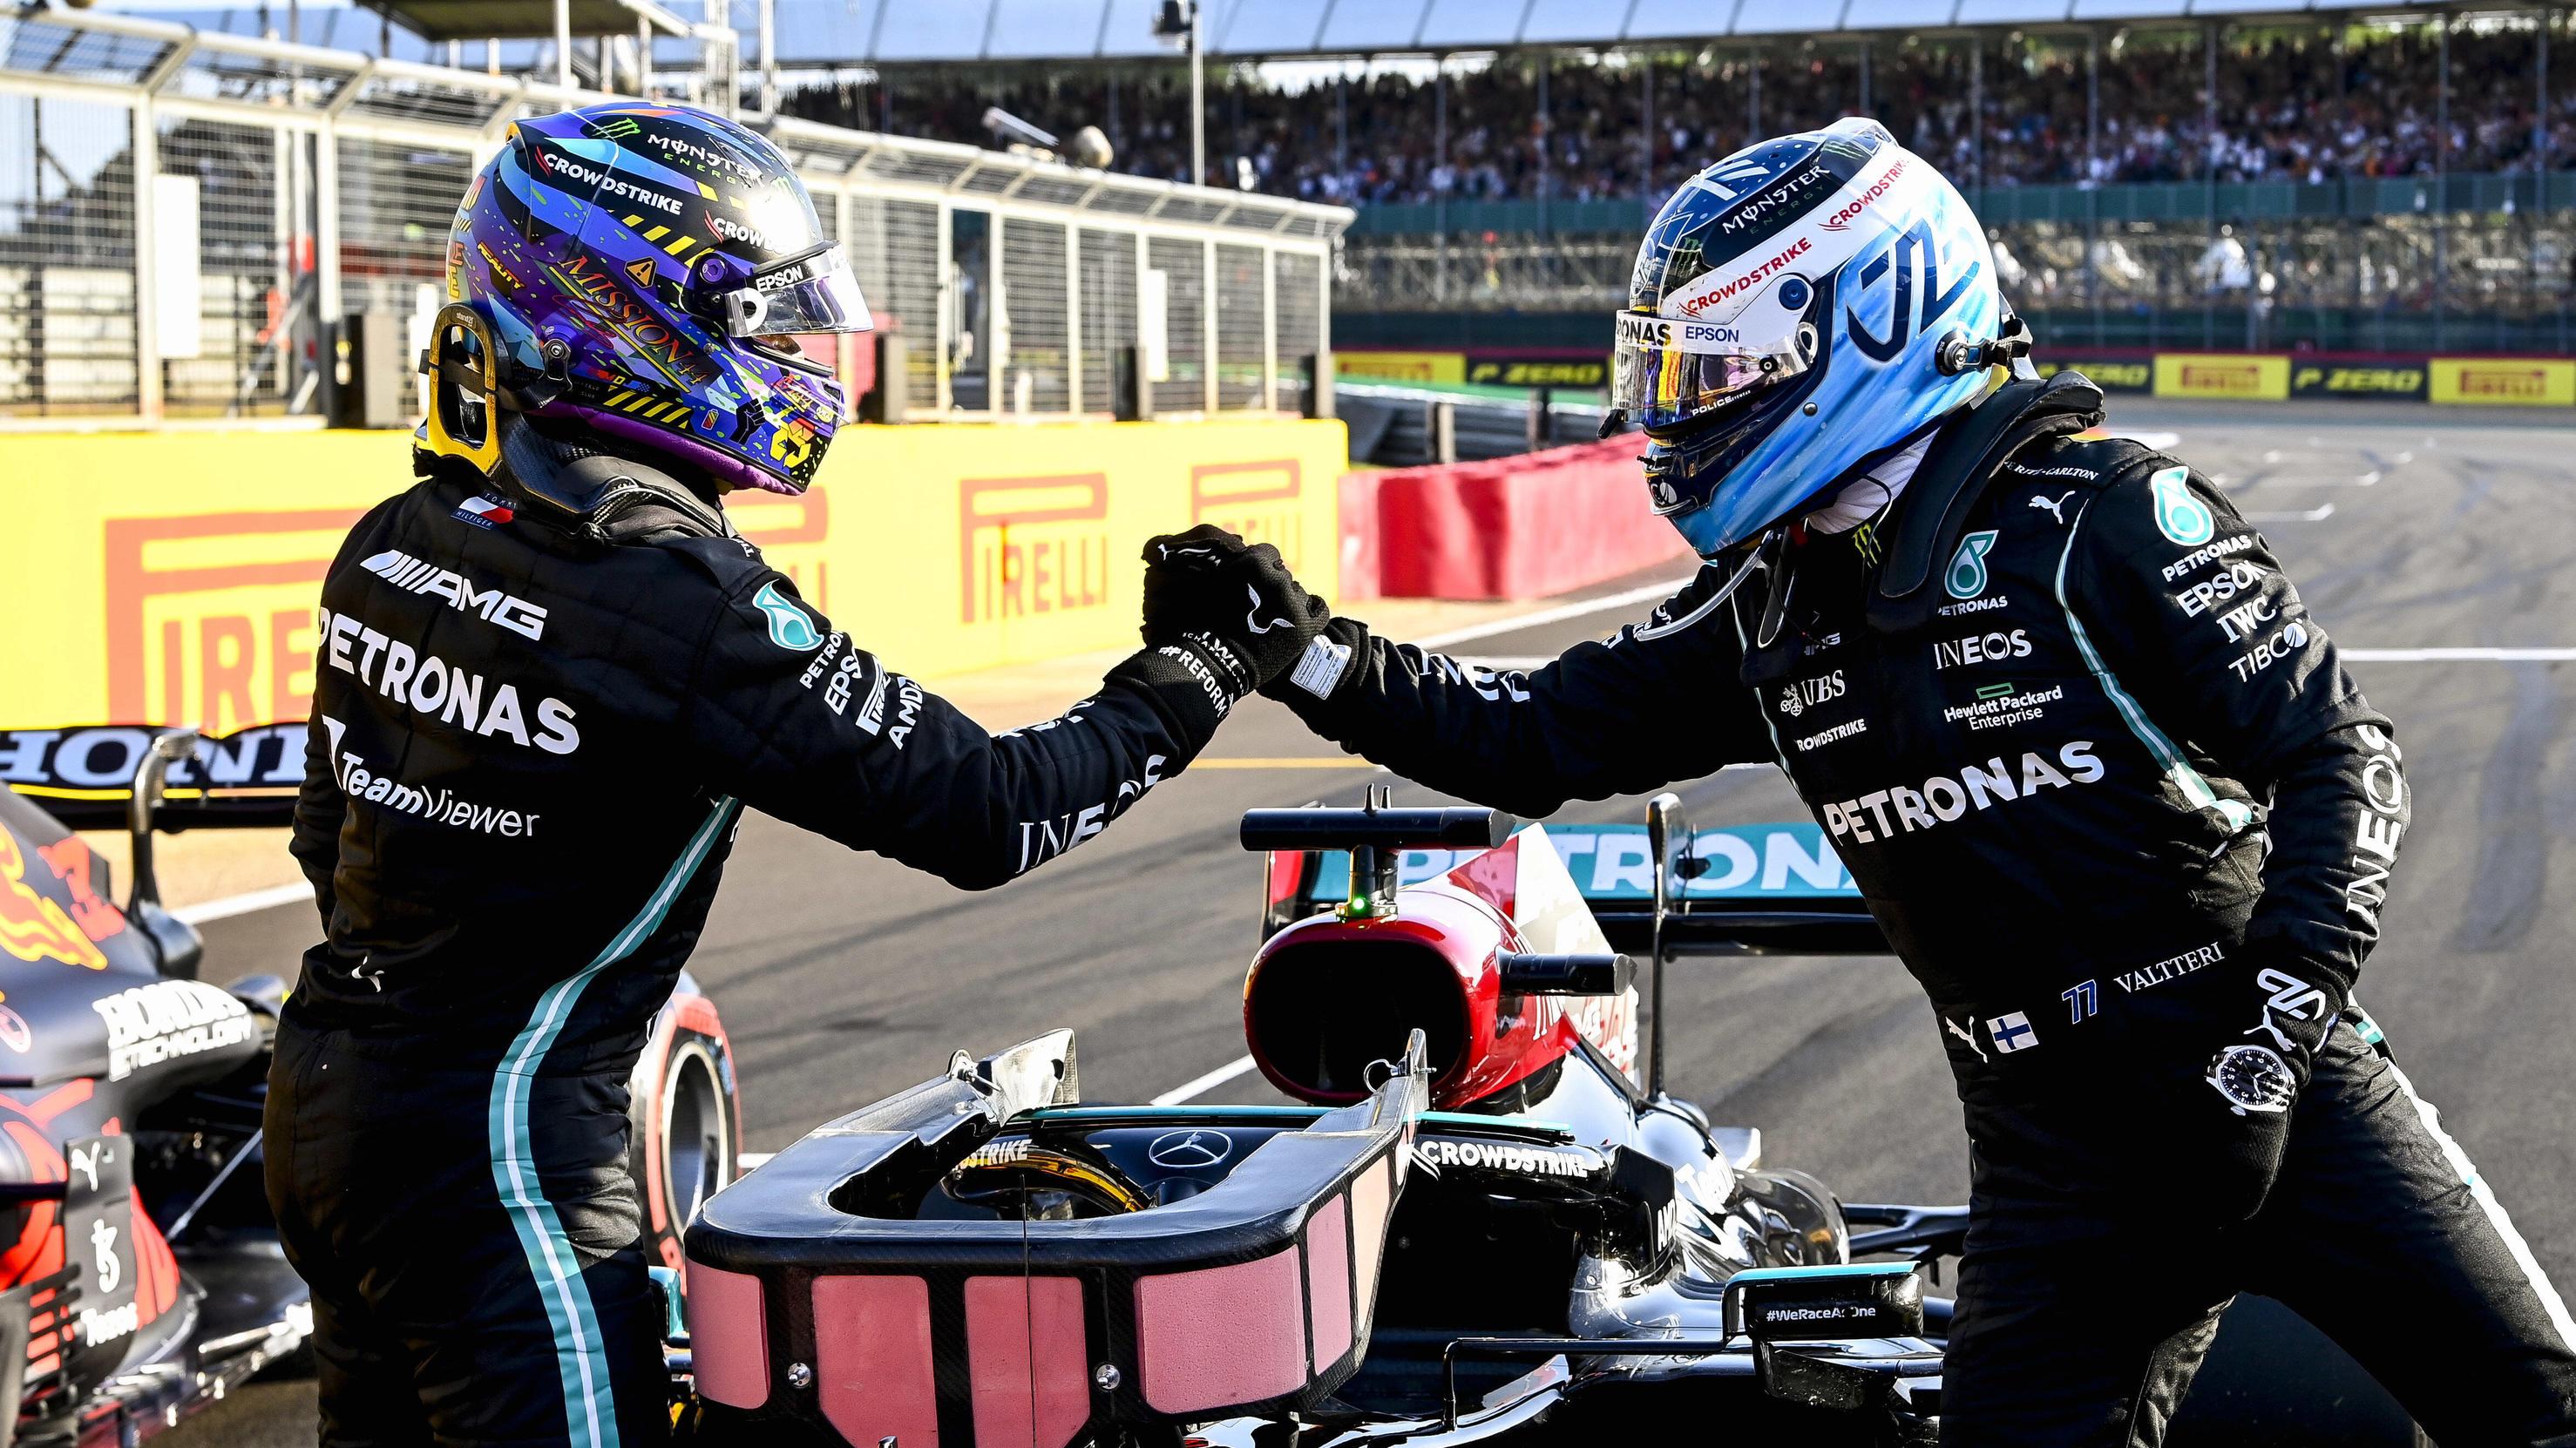 Formel 1 in Russland - Valtteri Bottas verspricht: Lasse Lewis Hamilton vorbei, wenn das Team es will